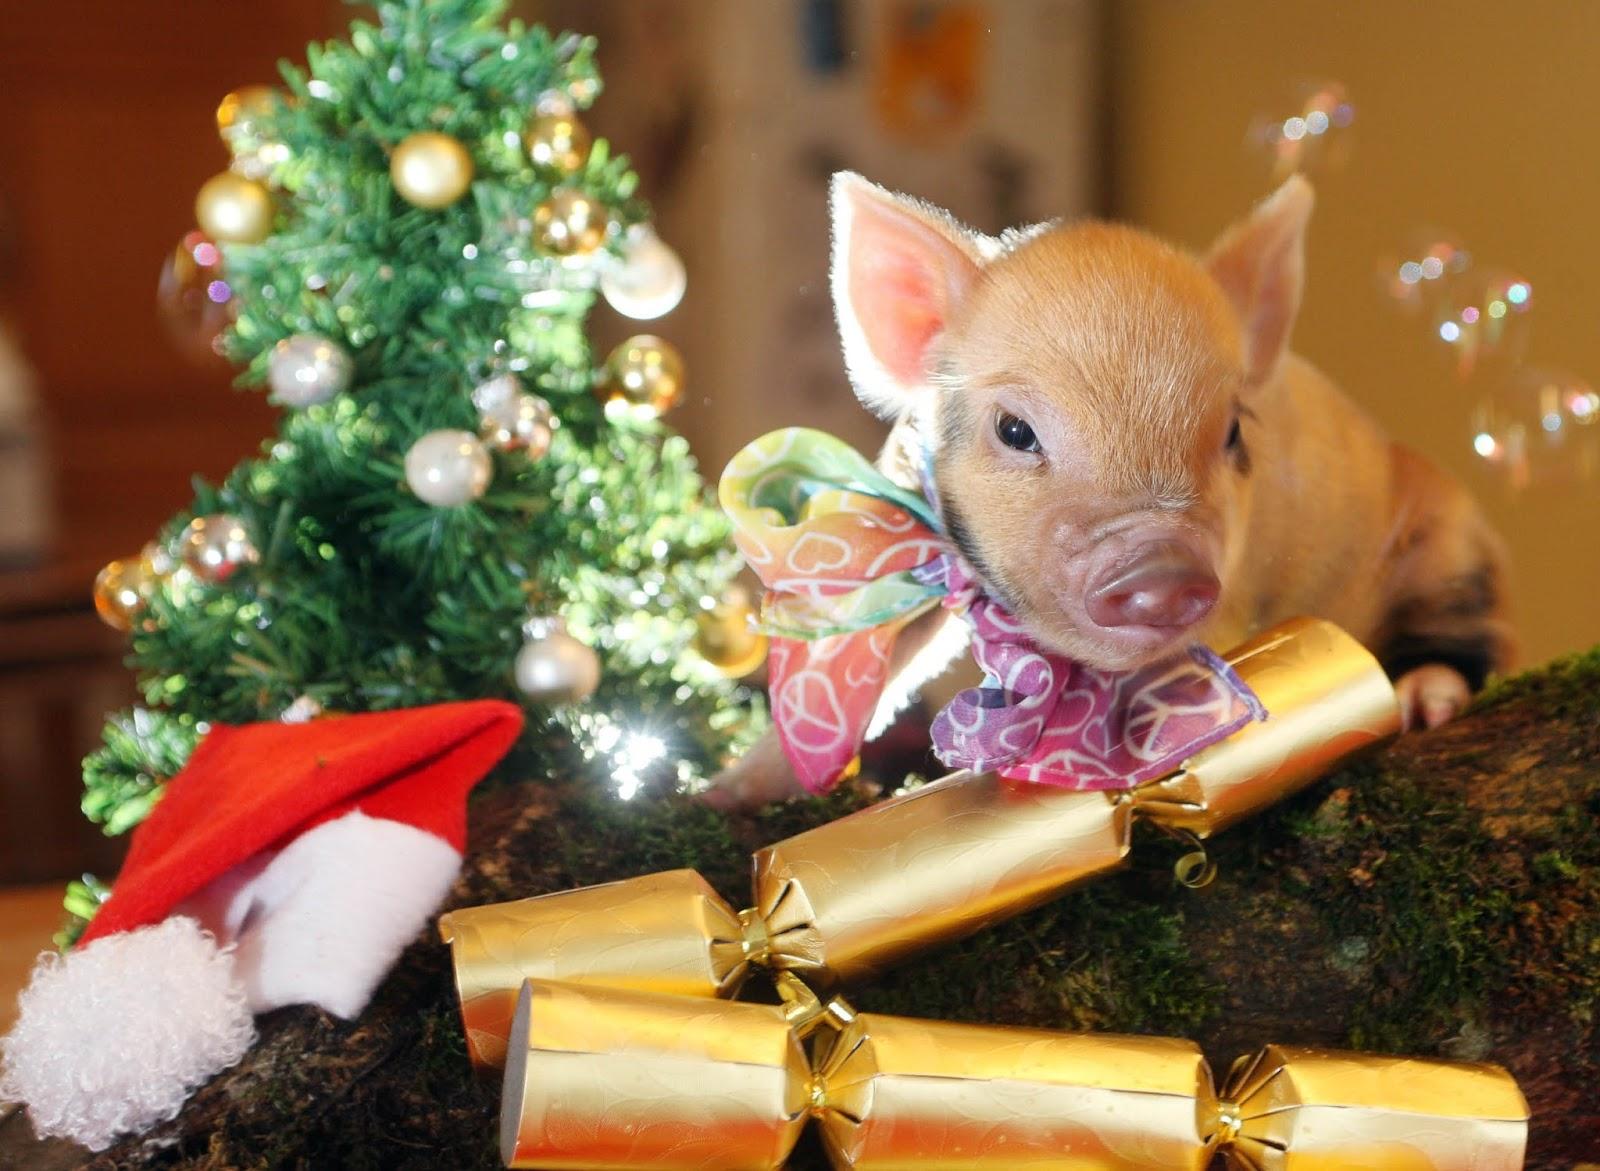 Картинки с новым годом коллегам год свиньи, днем